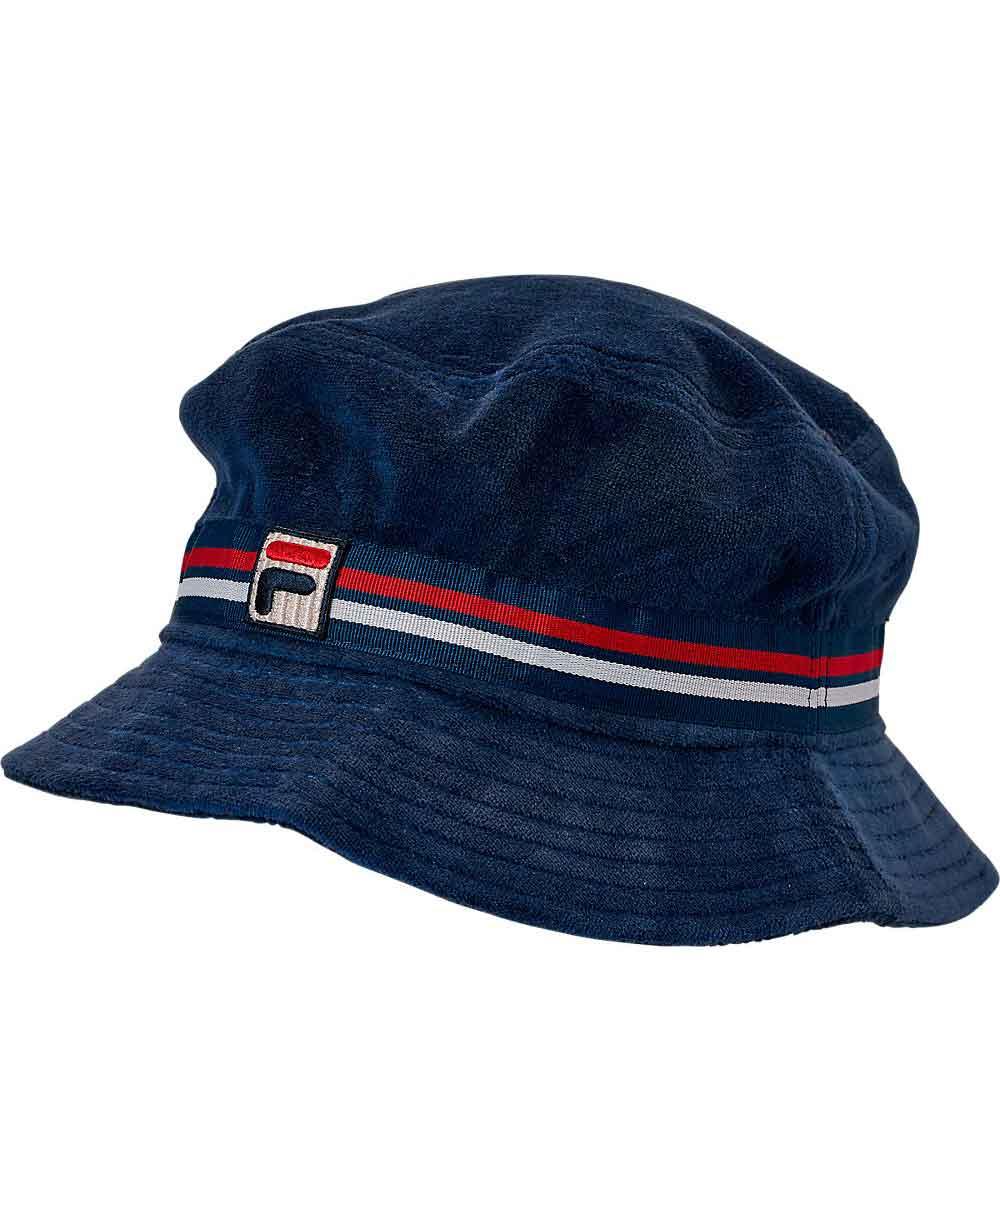 Velour Bucket Gorra para Hombre Navy